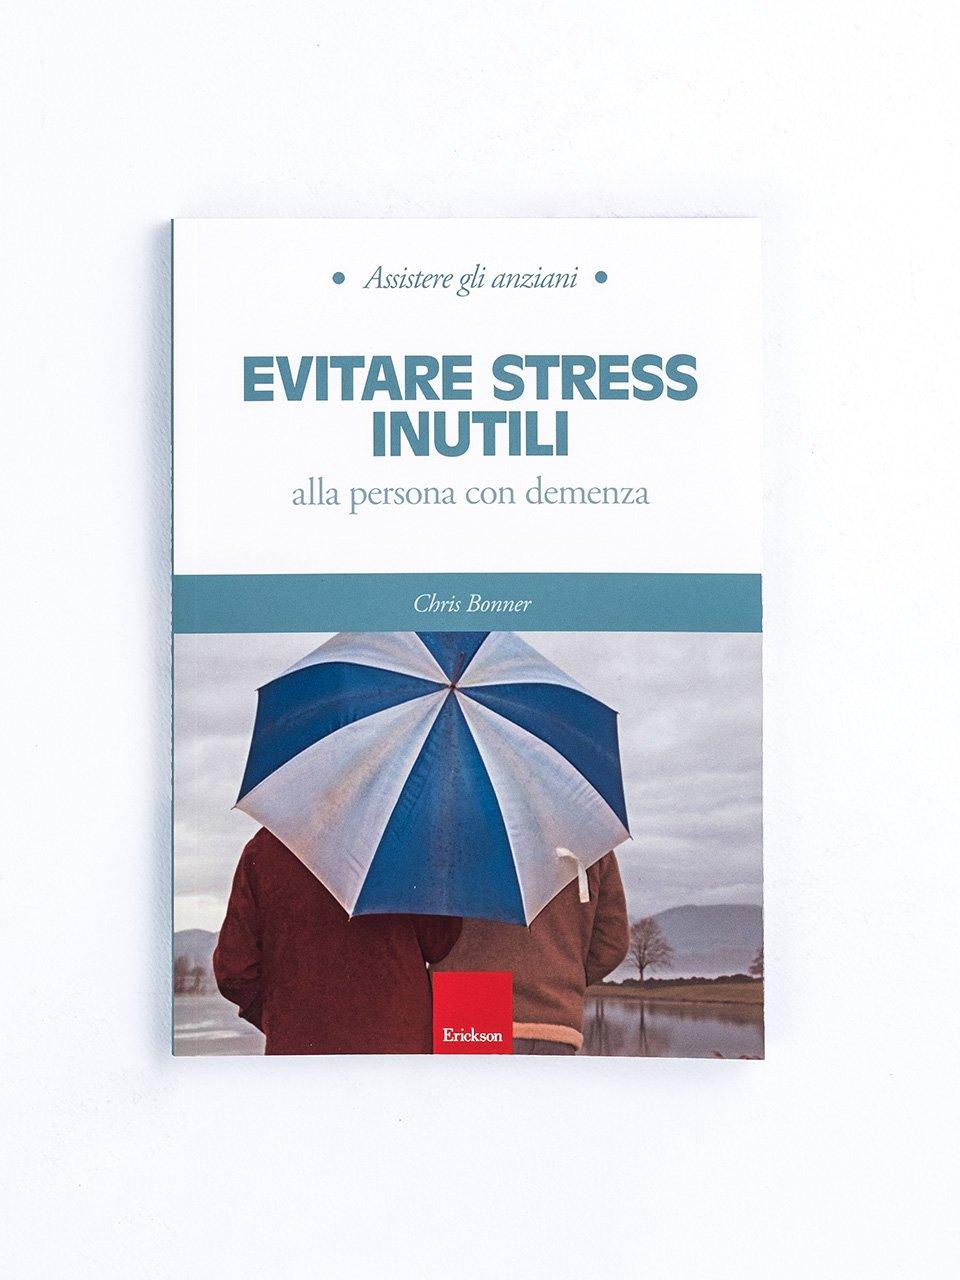 Assistere gli anziani - EVITARE STRESS INUTILI - Nonna dimentica - Libri - Erickson